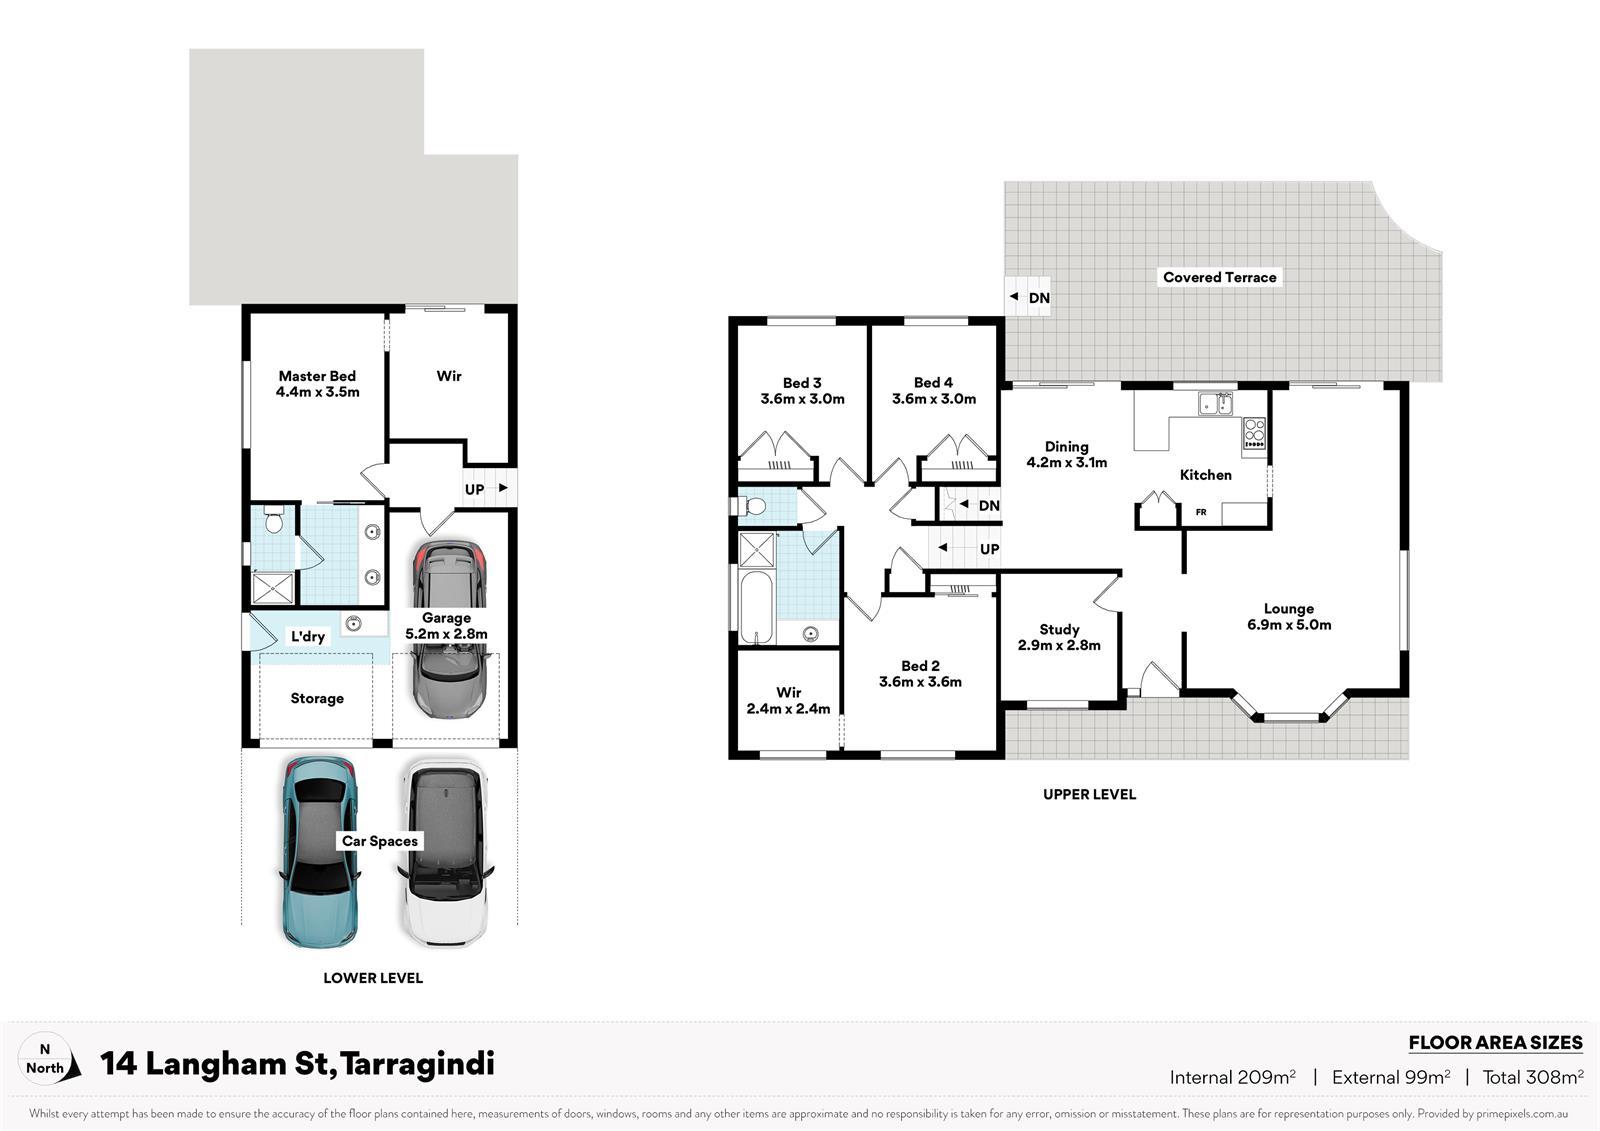 14 Langham St TARRAGINDI QLD 4121 Floorplan 1